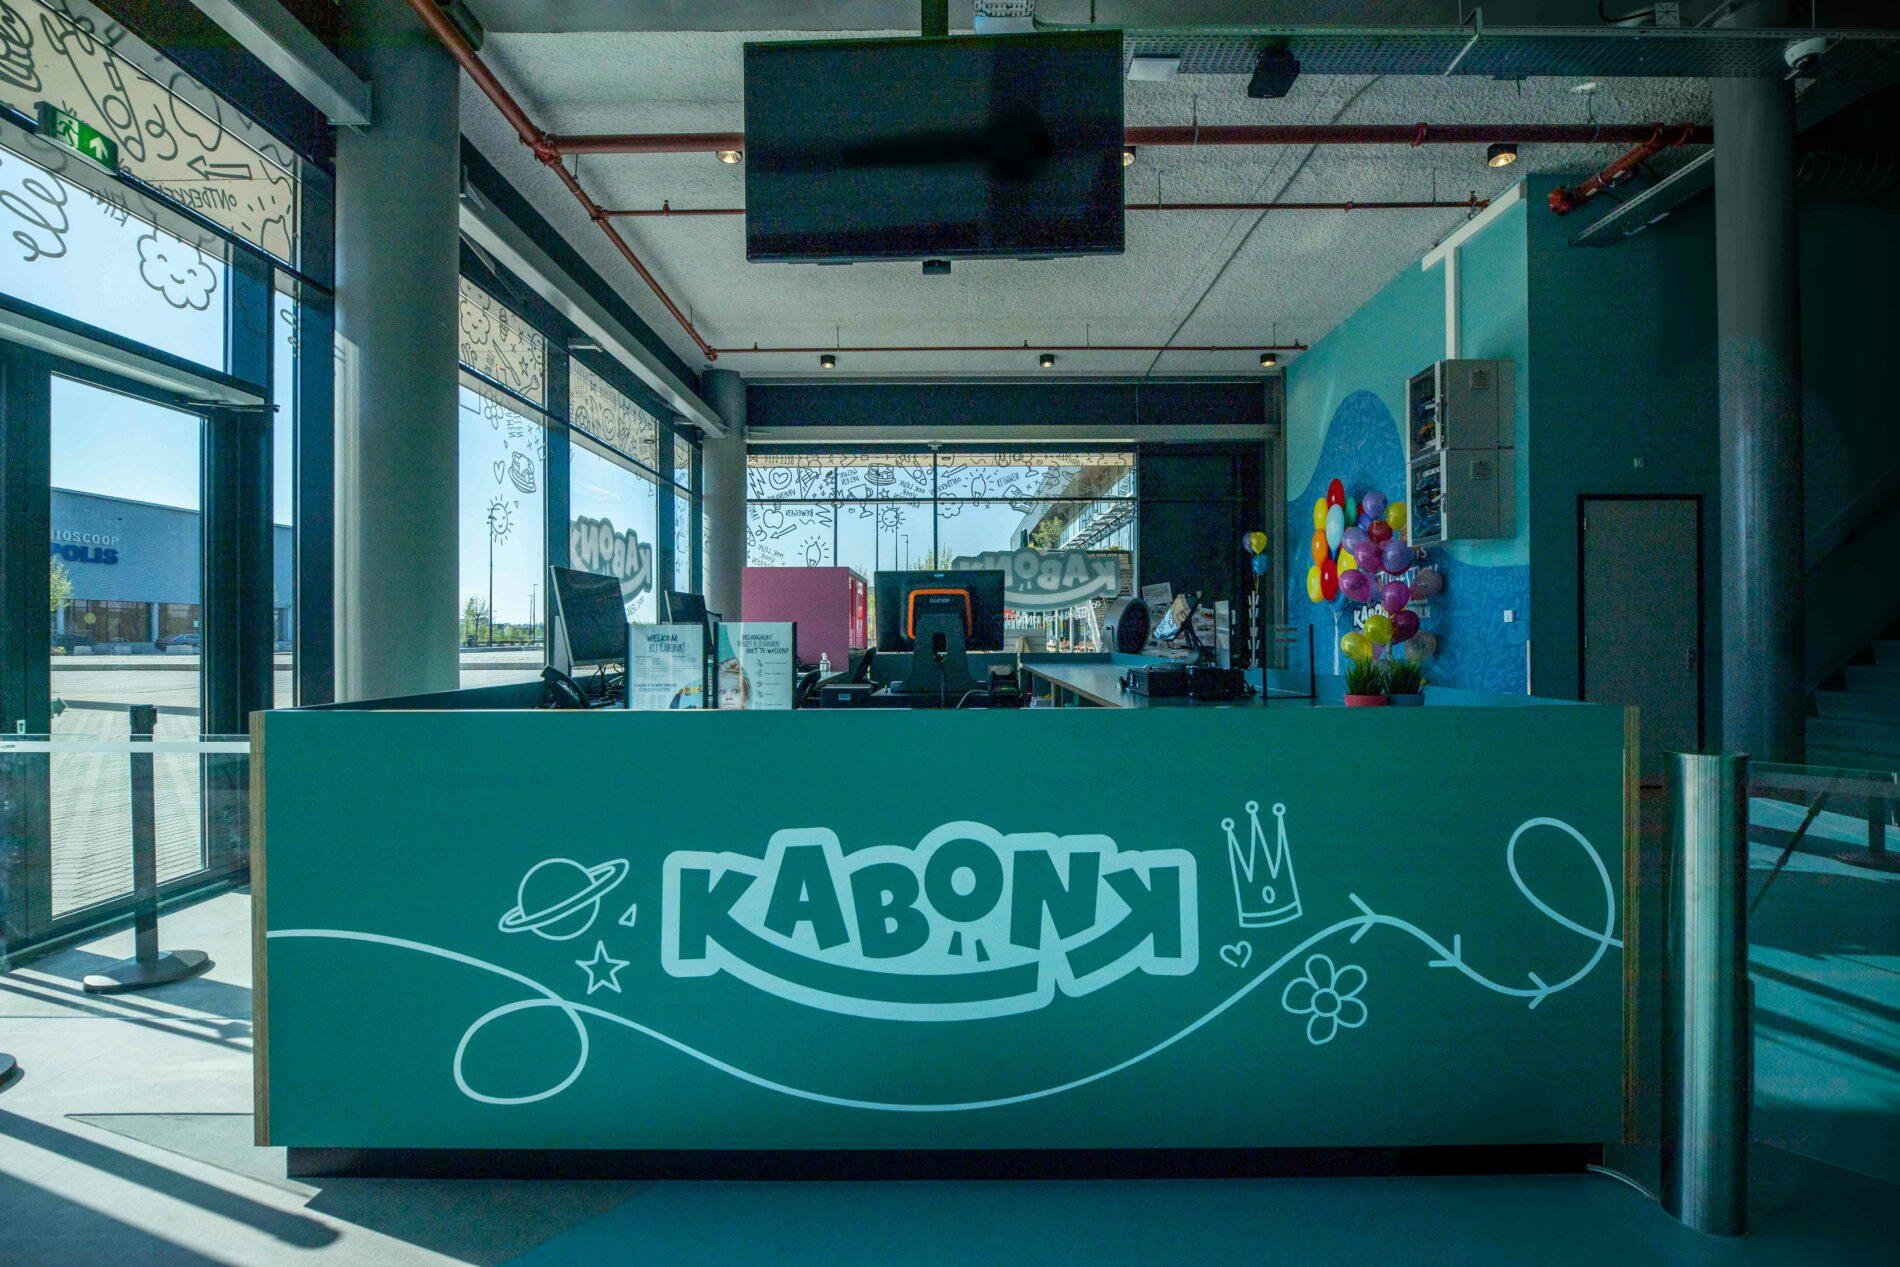 Kabonk het allergaafste indoor speelparadijs in Breda (120)